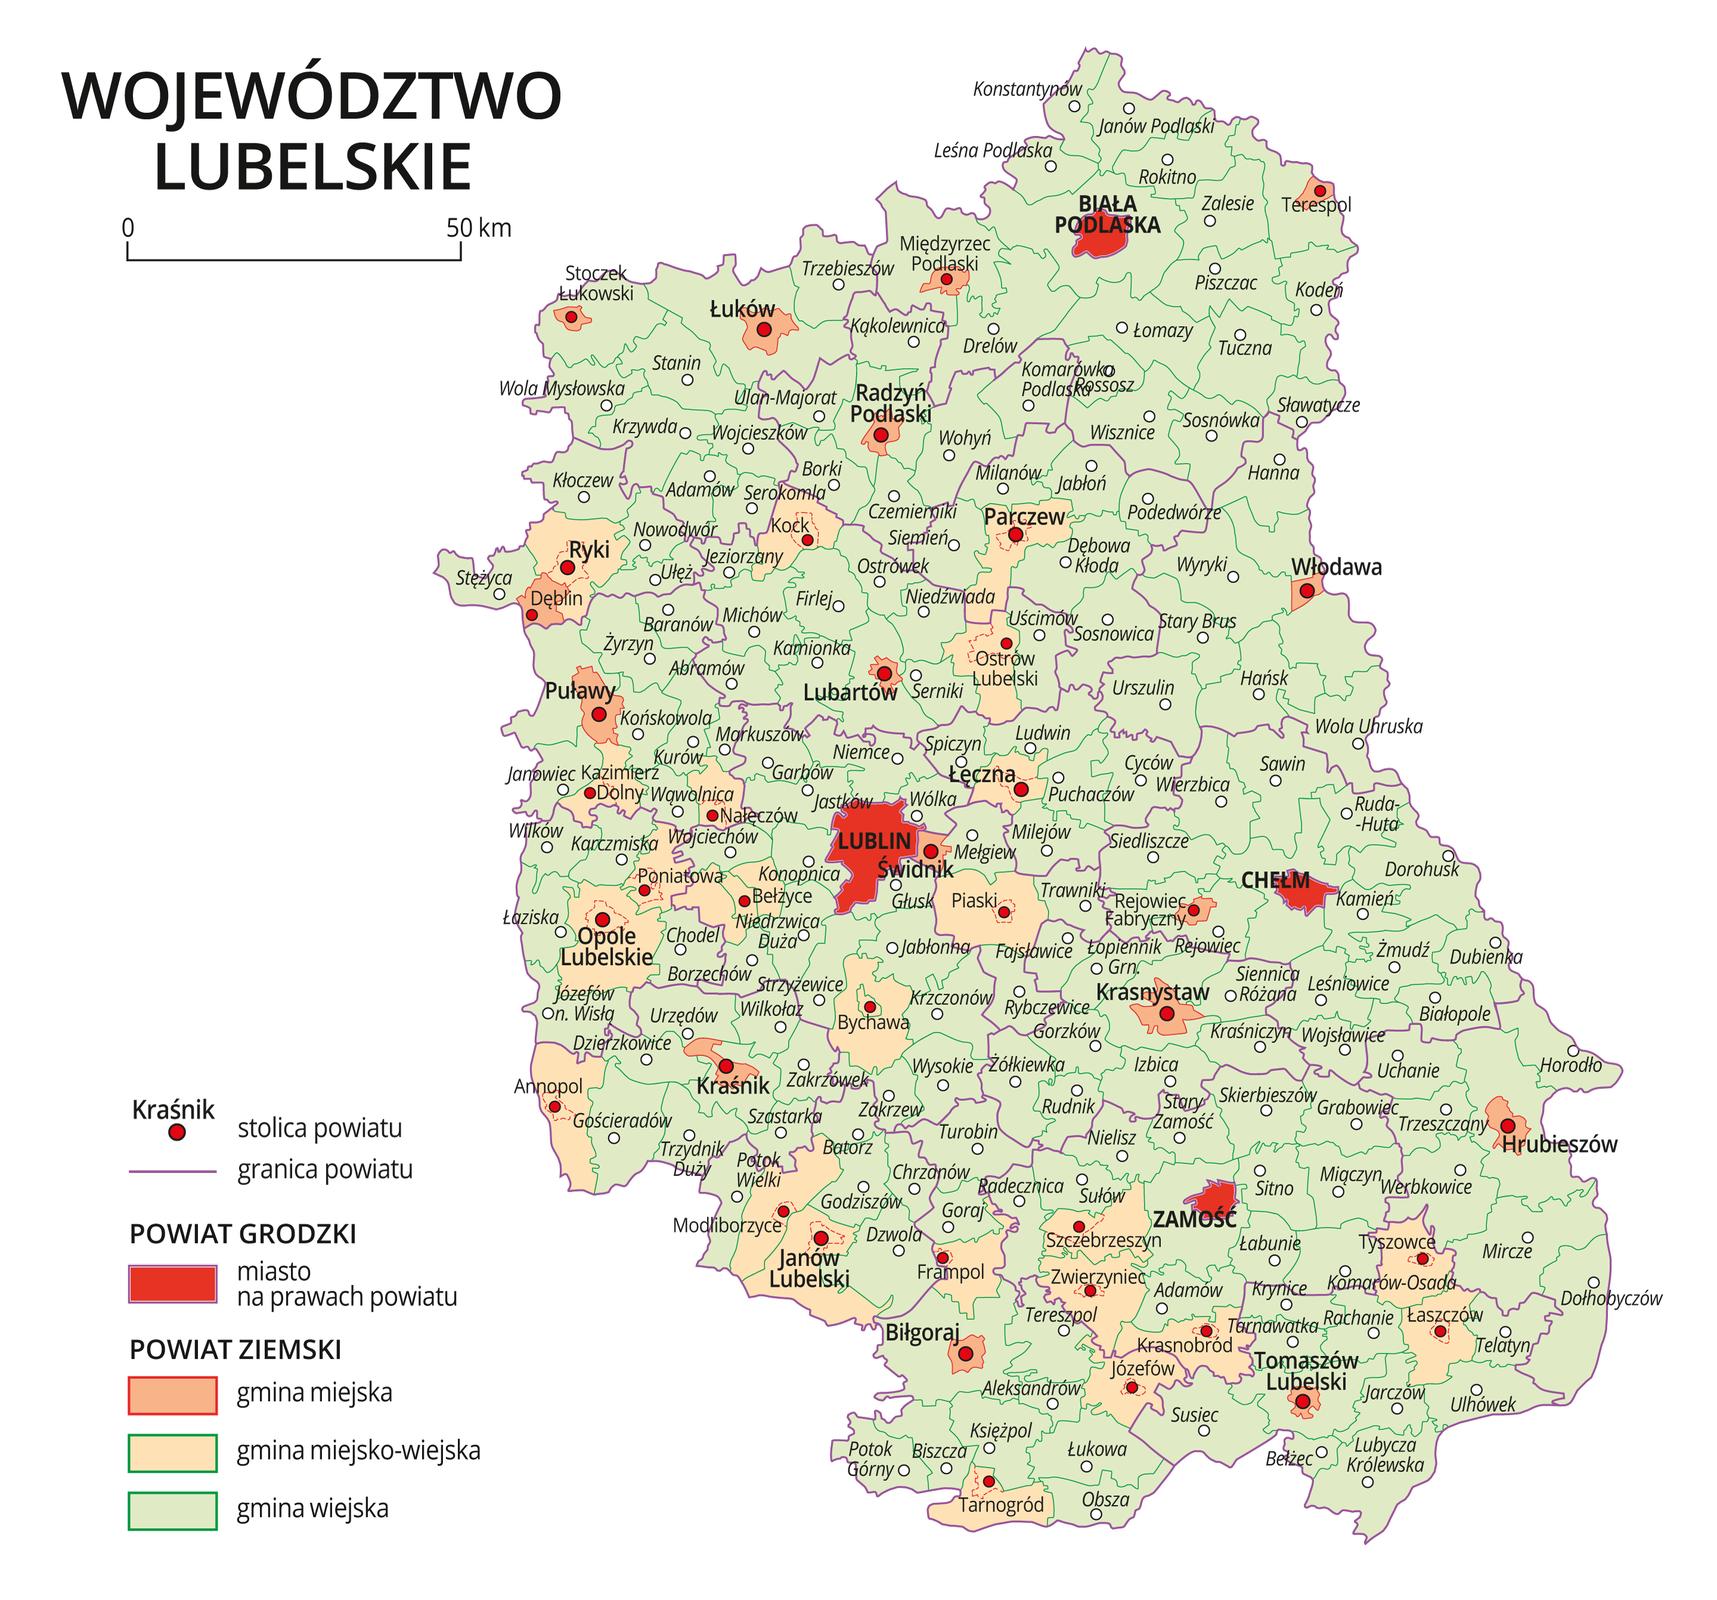 Mapa województwa lubelskiego. Na mapie fioletowymi liniami zaznaczono granice powiatów ziemskich, dużymi czerwonymi kropkami zaznaczono miasta będące stolicami powiatów. Wobrębie powiatów ziemskich kolorami wyróżniono gminy miejskie, miejsko-wiejskie iwiejskie. Czerwonym kolorem wyróżniono powiaty grodzkie zmiastami na prawach powiatu, miasta te opisano dużymi literami. Kolory iznaki użyte na mapie opisano wlegendzie. Wlegendzie podziałka liniowa.